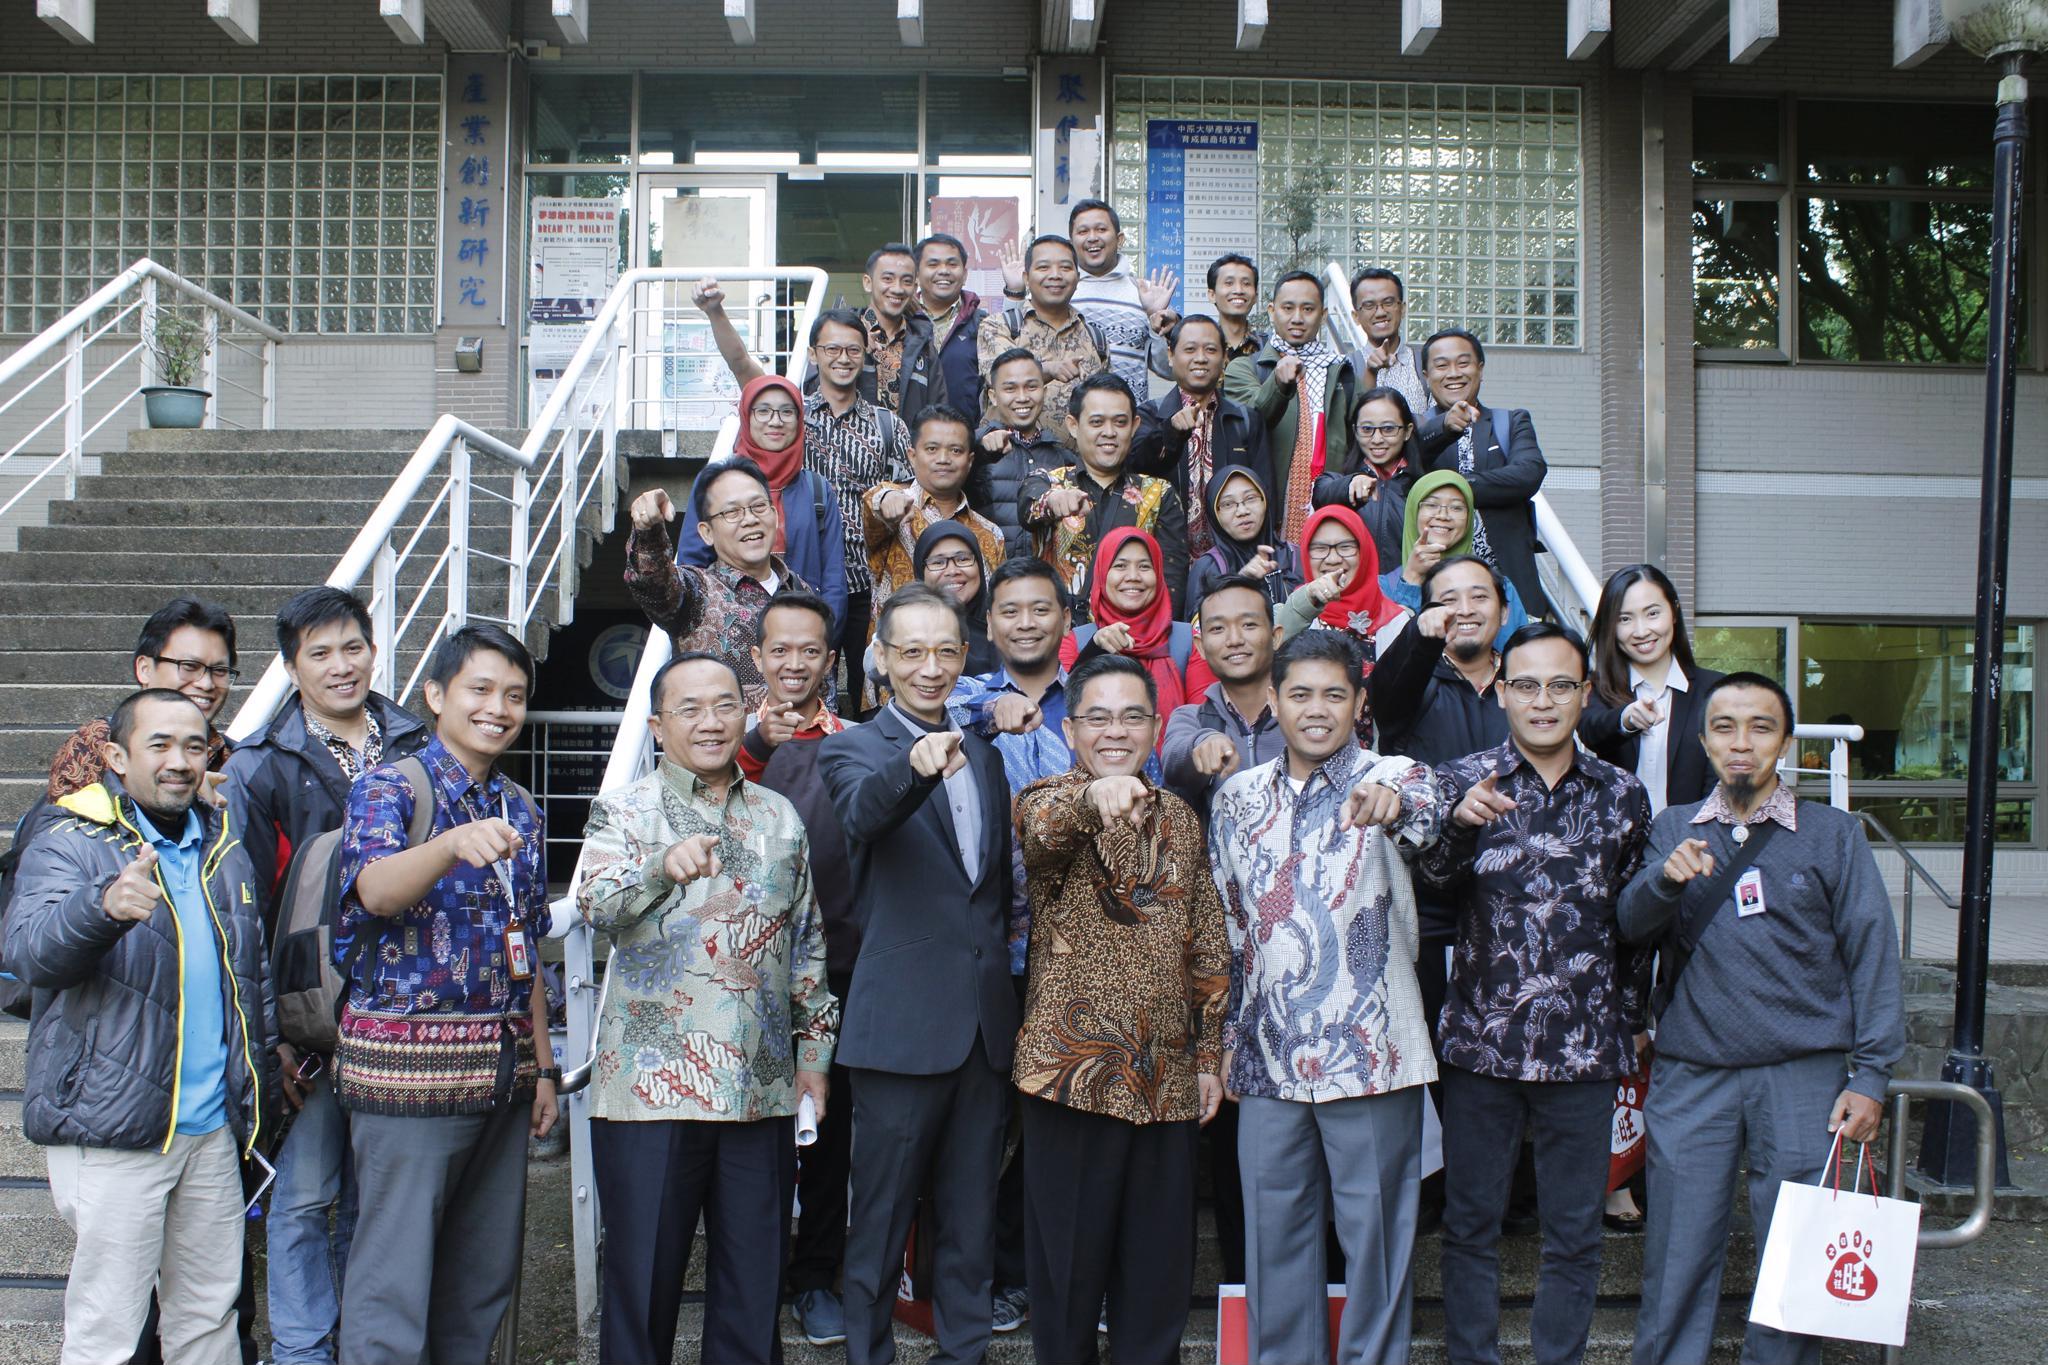 推動工業4.0 中原人才培育獲印尼工業部青睞